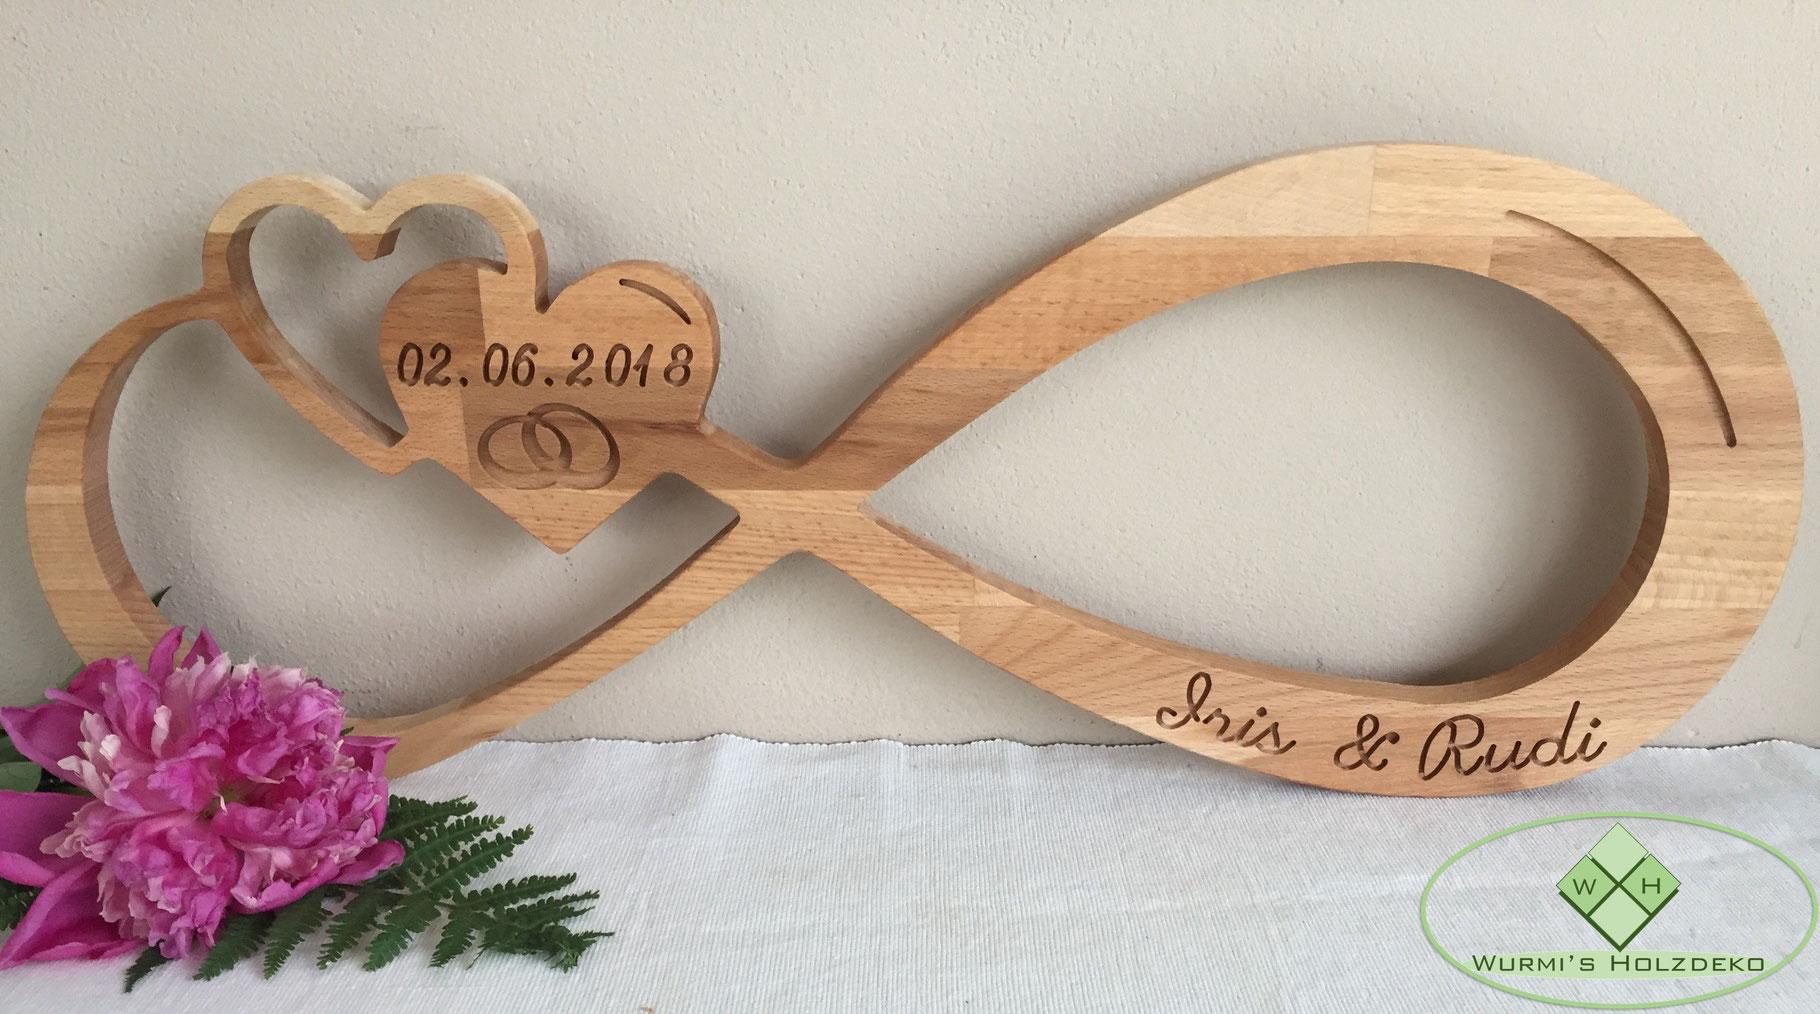 Hochzeitsgeschenk Aus Holz Wurmis Holzdeko Online Shop